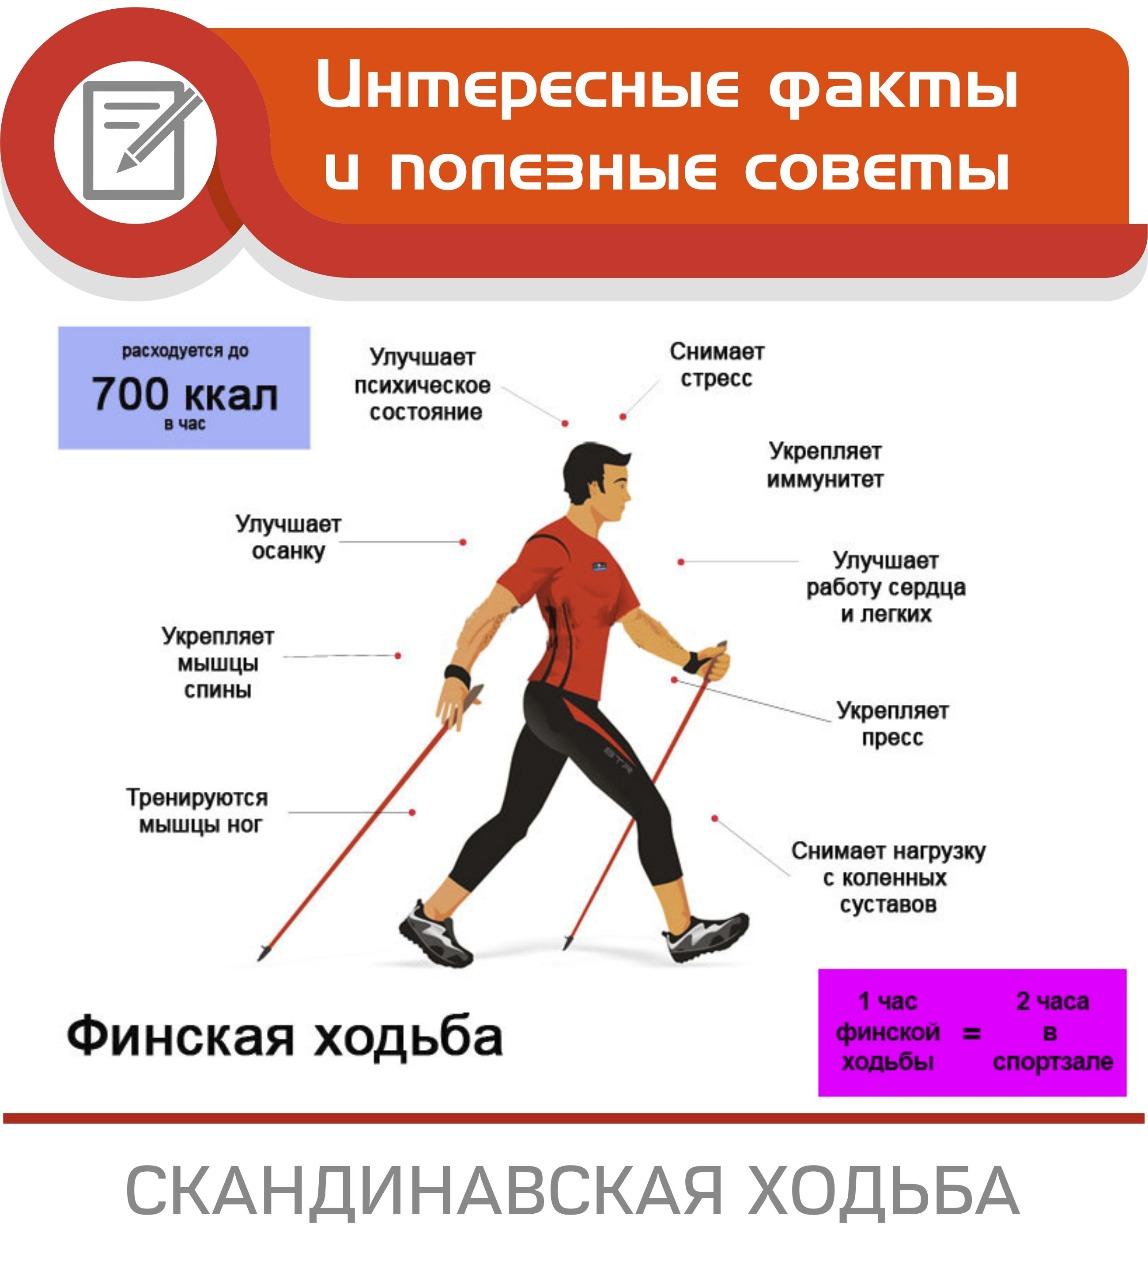 Скандинавская ходьба с палками для похудения, польза и вред техники   доктор борменталь